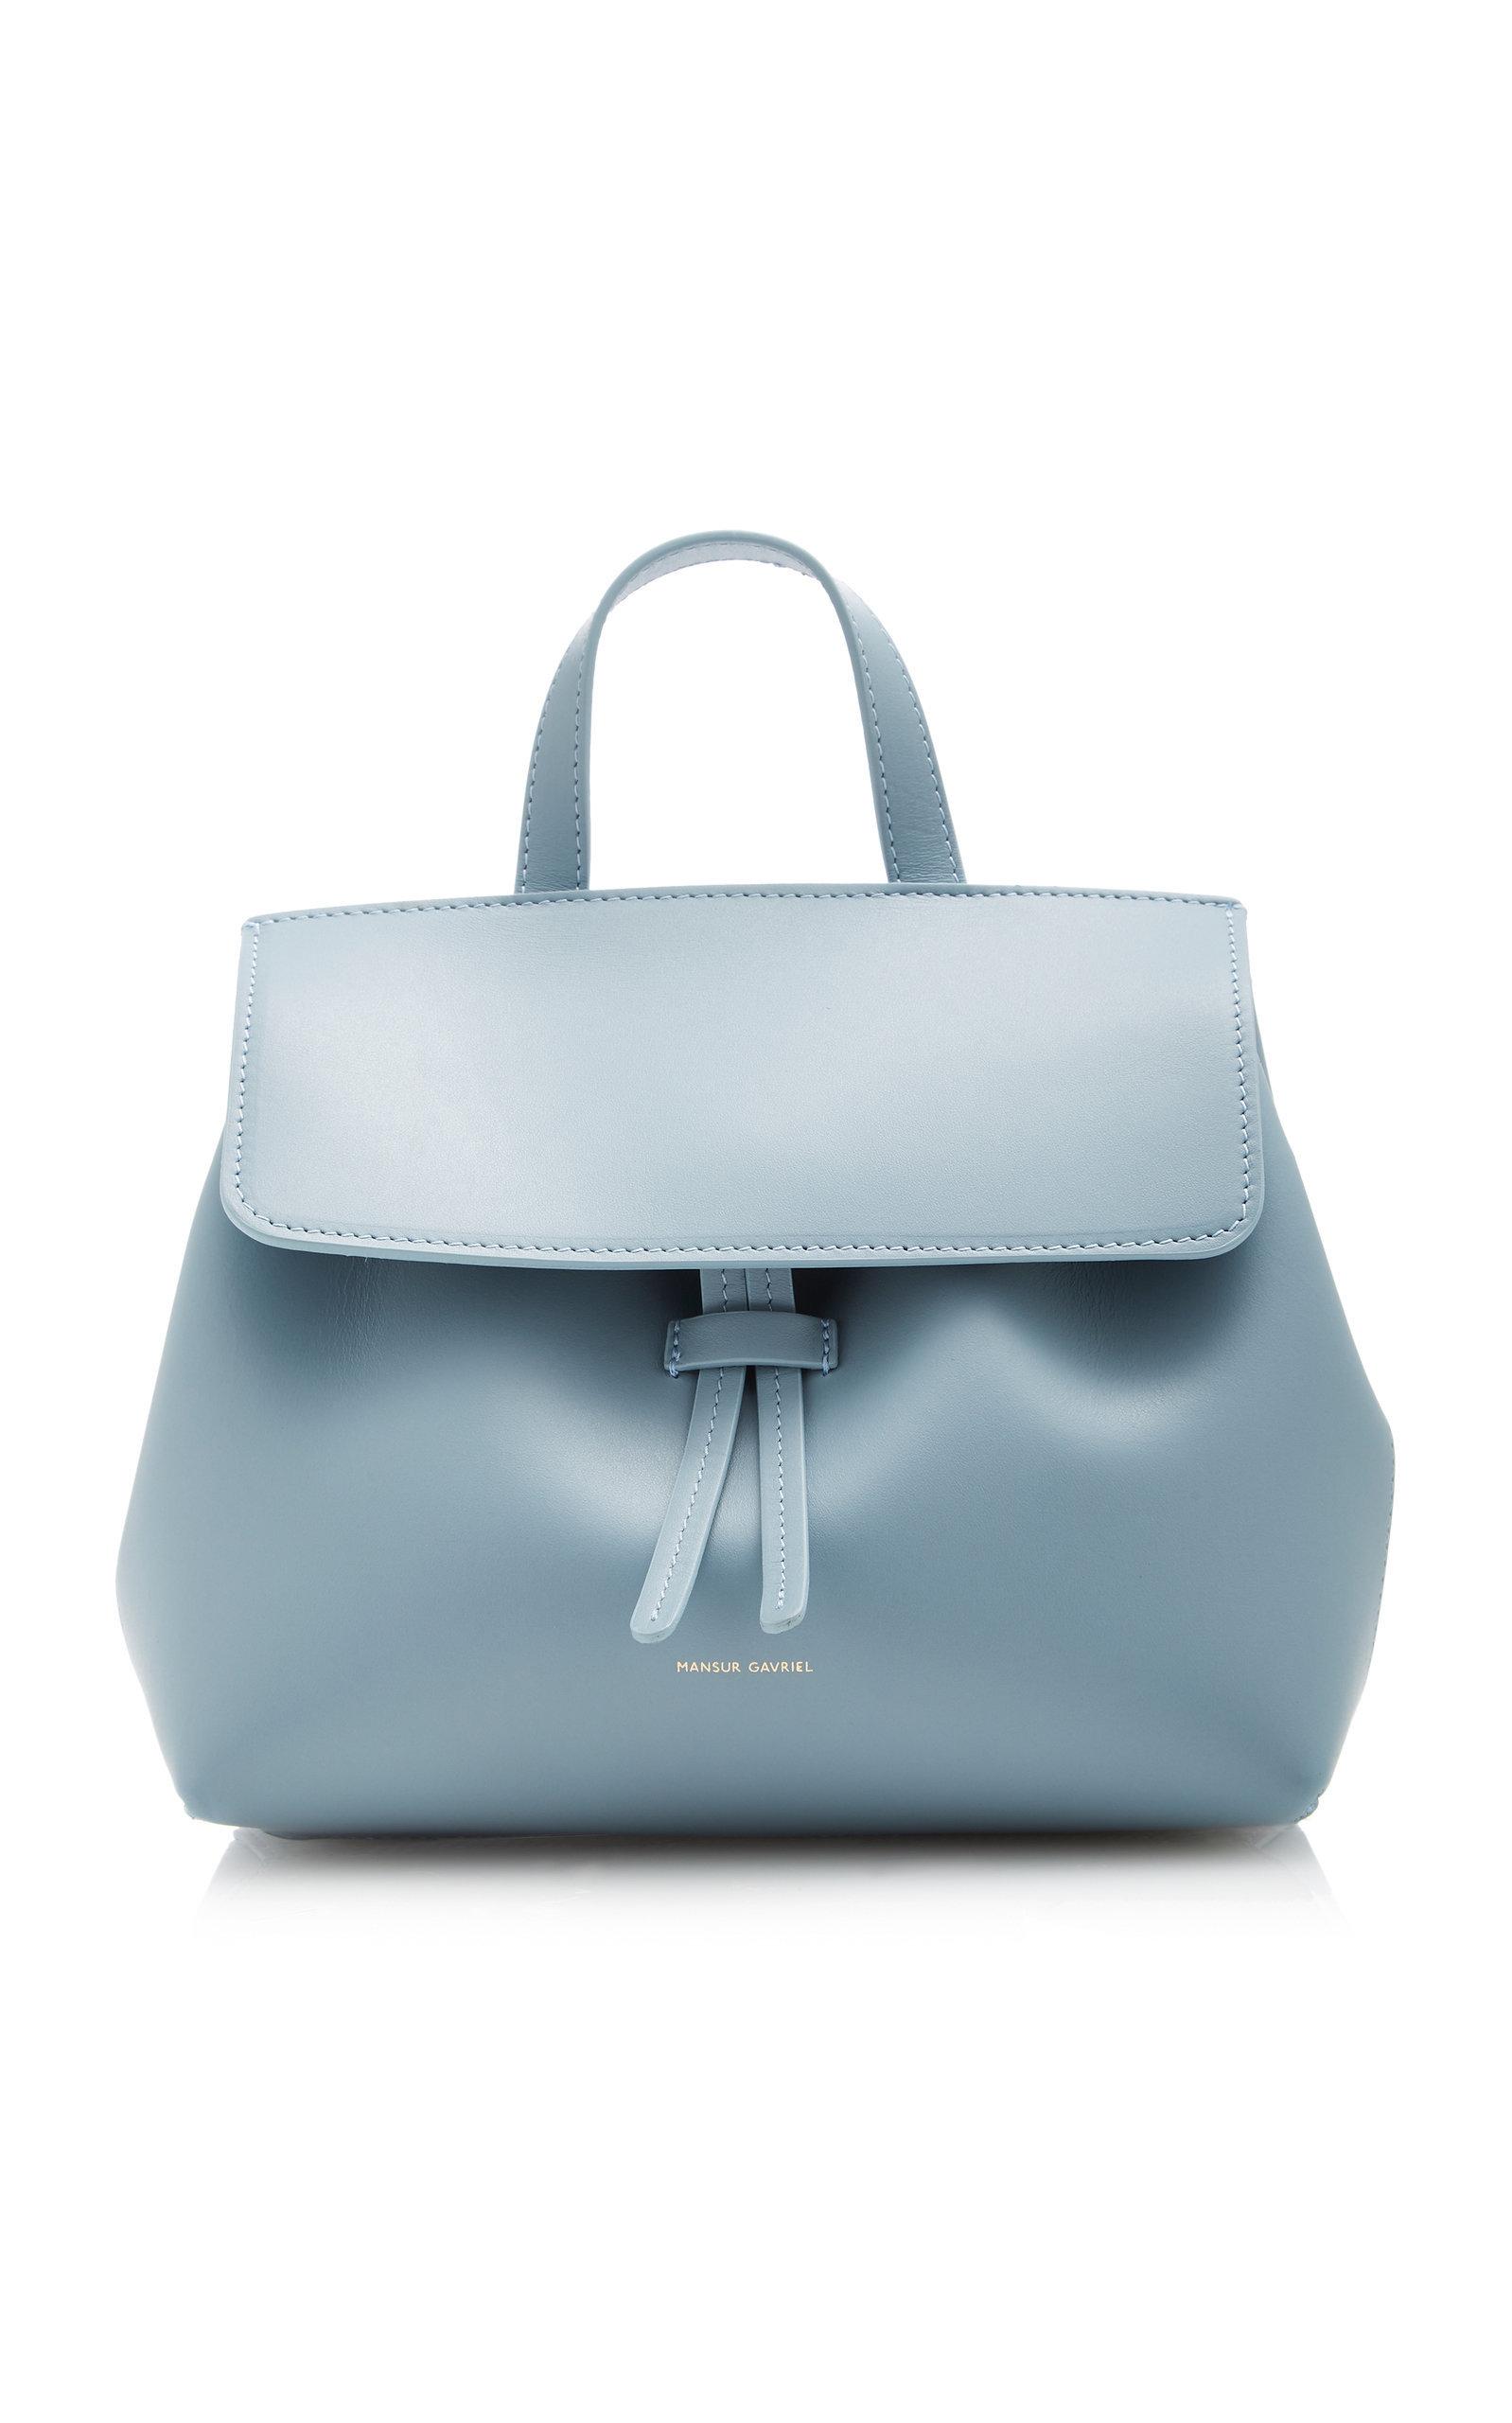 e1abafcd5 Mansur Gavriel - Lady Mini Leather Tote - Blue | FASHION STYLE FAN